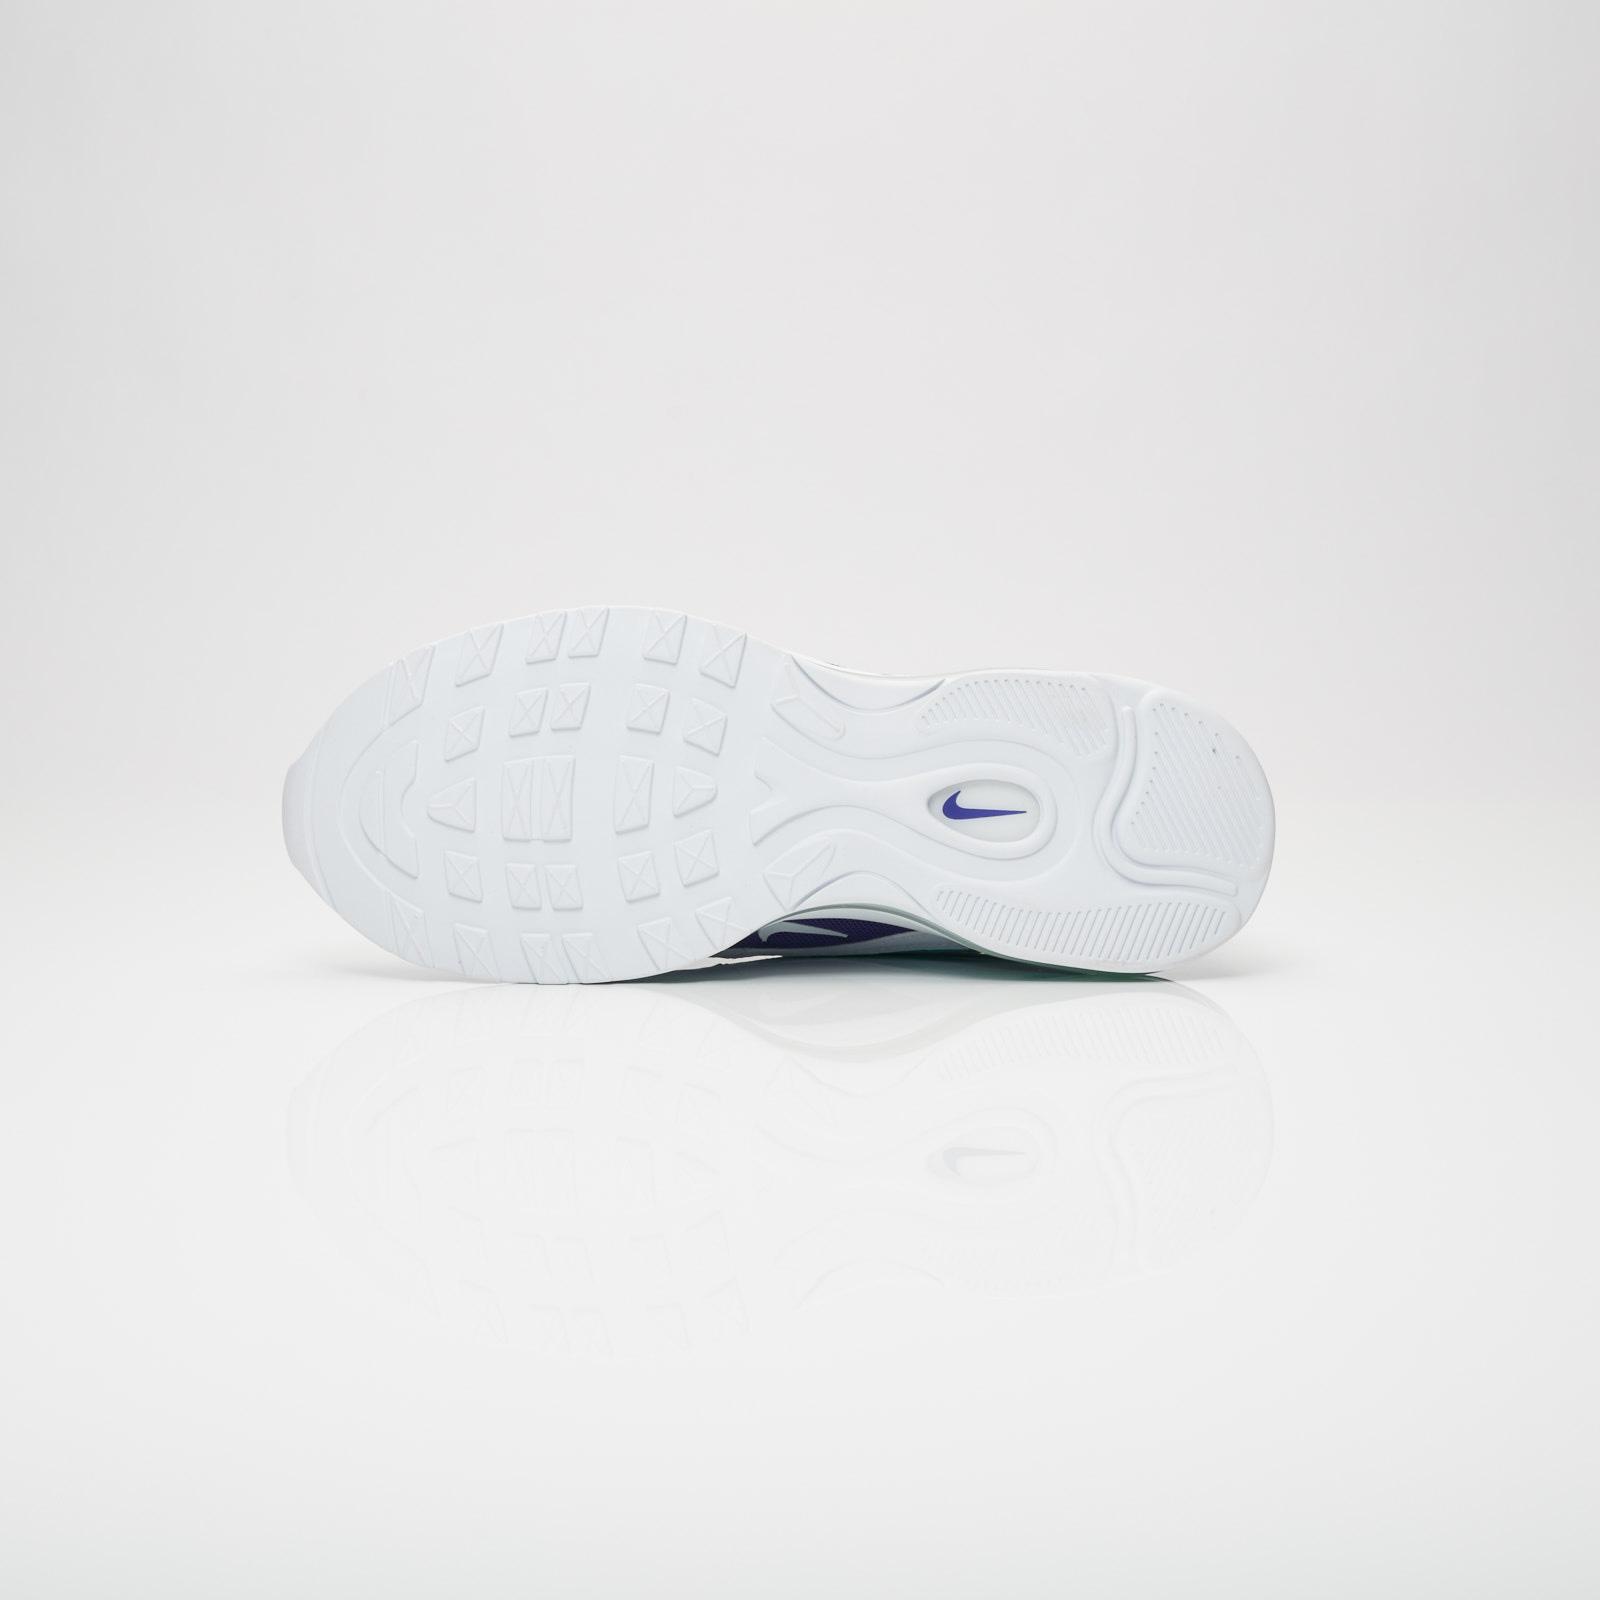 Nike Wmns Air Max 97 UL 17 SE Ah6806 102 Sneakersnstuff